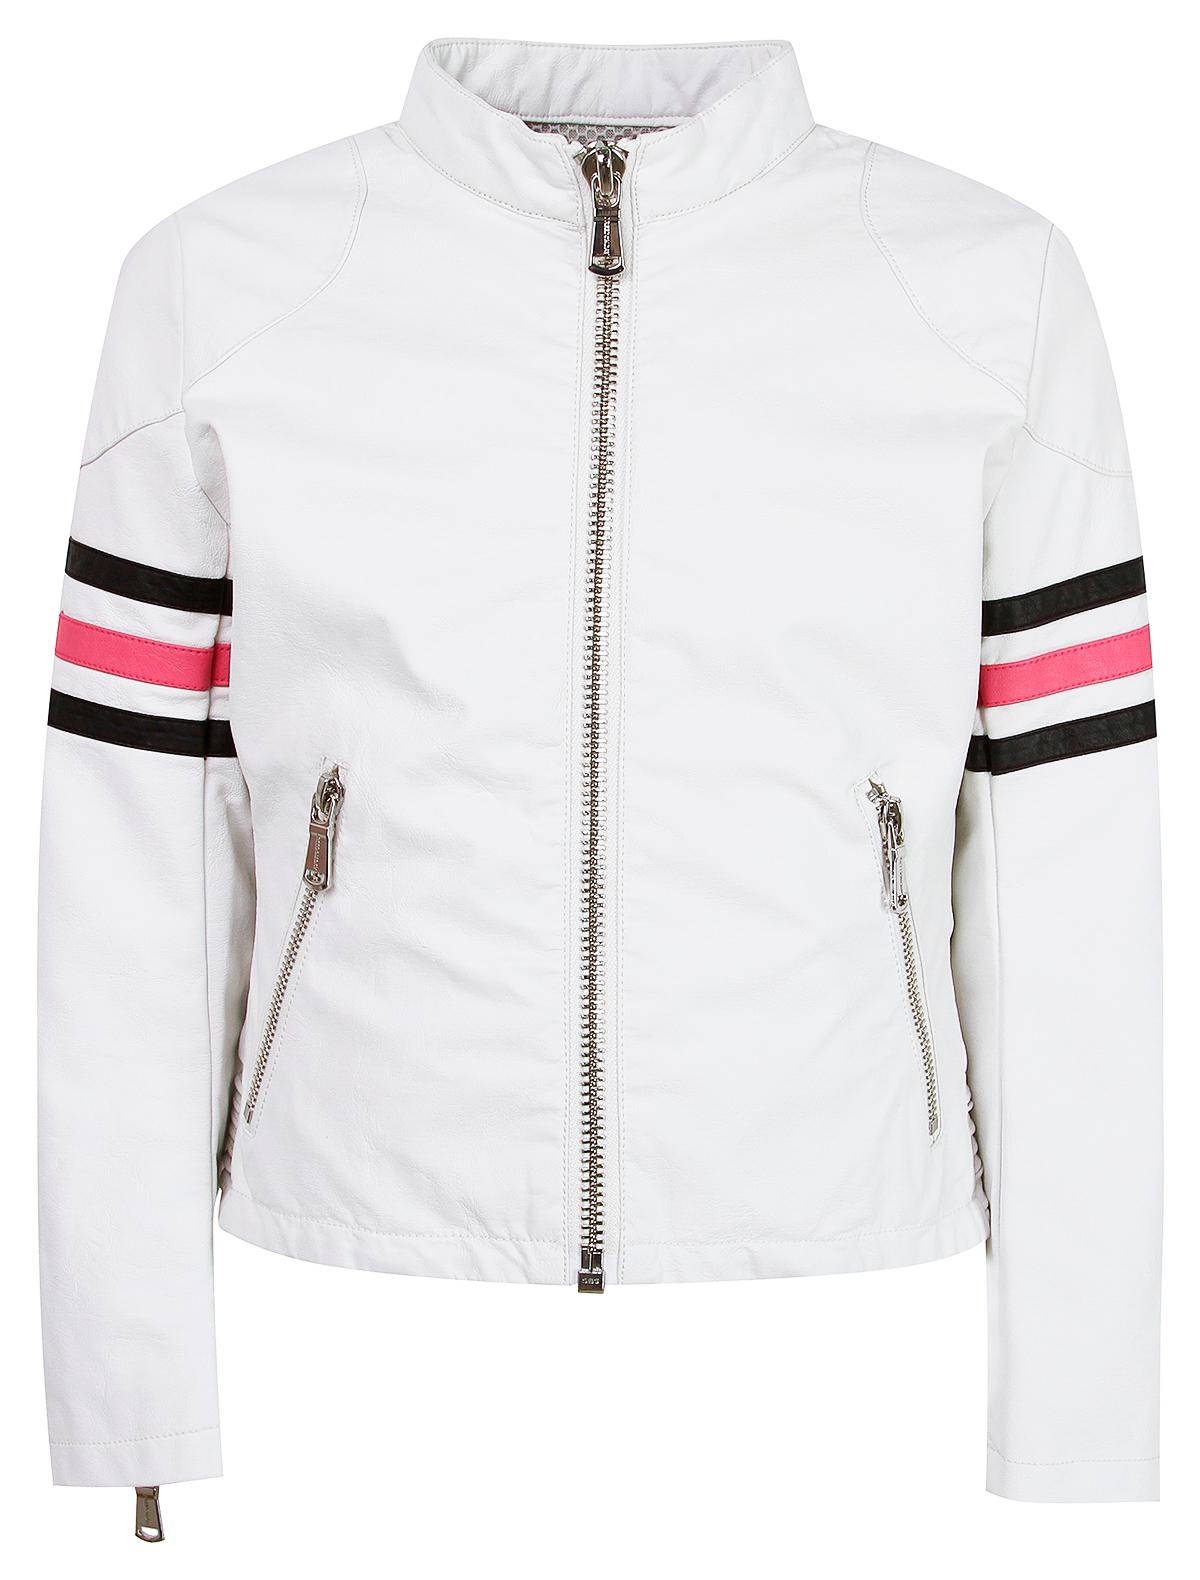 Купить 1991841, Куртка FREEDOMDAY, белый, Женский, 1071209970127